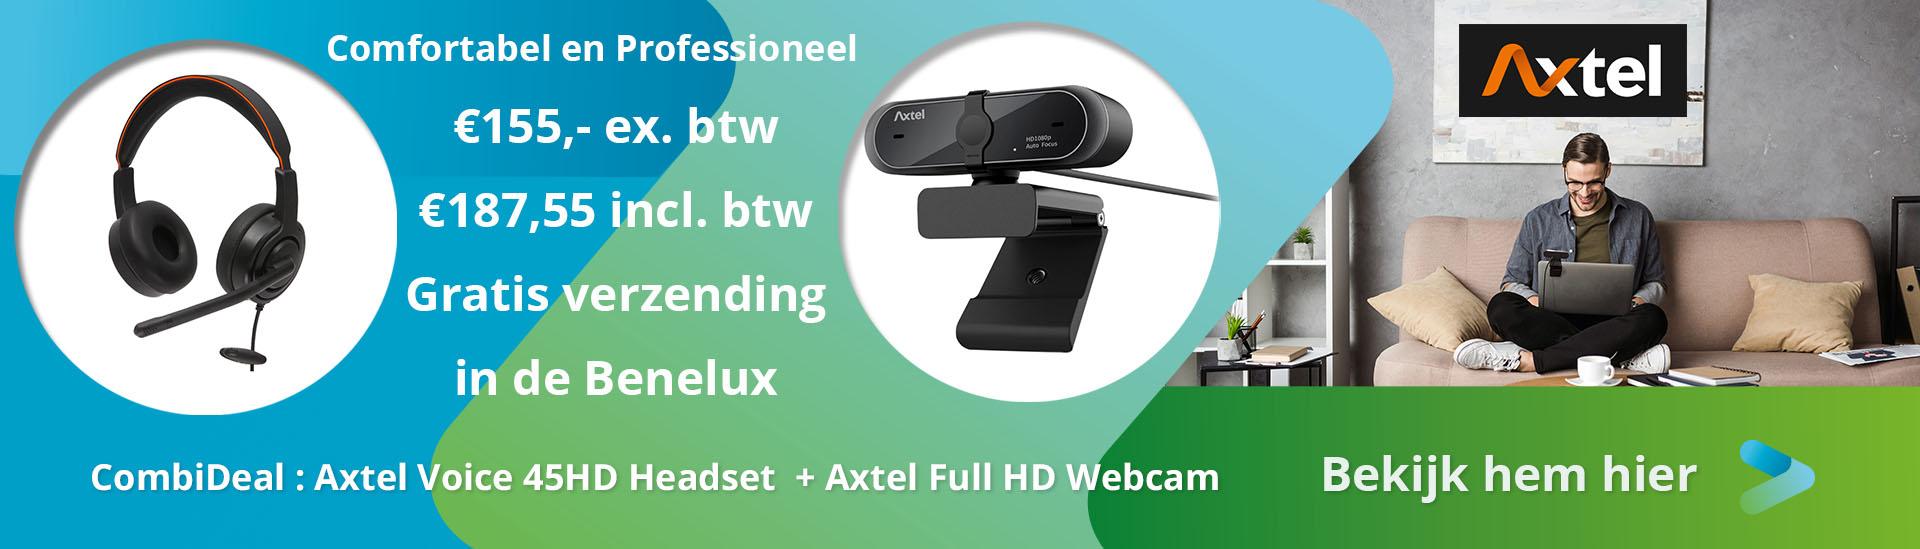 Axtel Combodeal Voice 45 HD Headset en Full HD 1080P Webcam